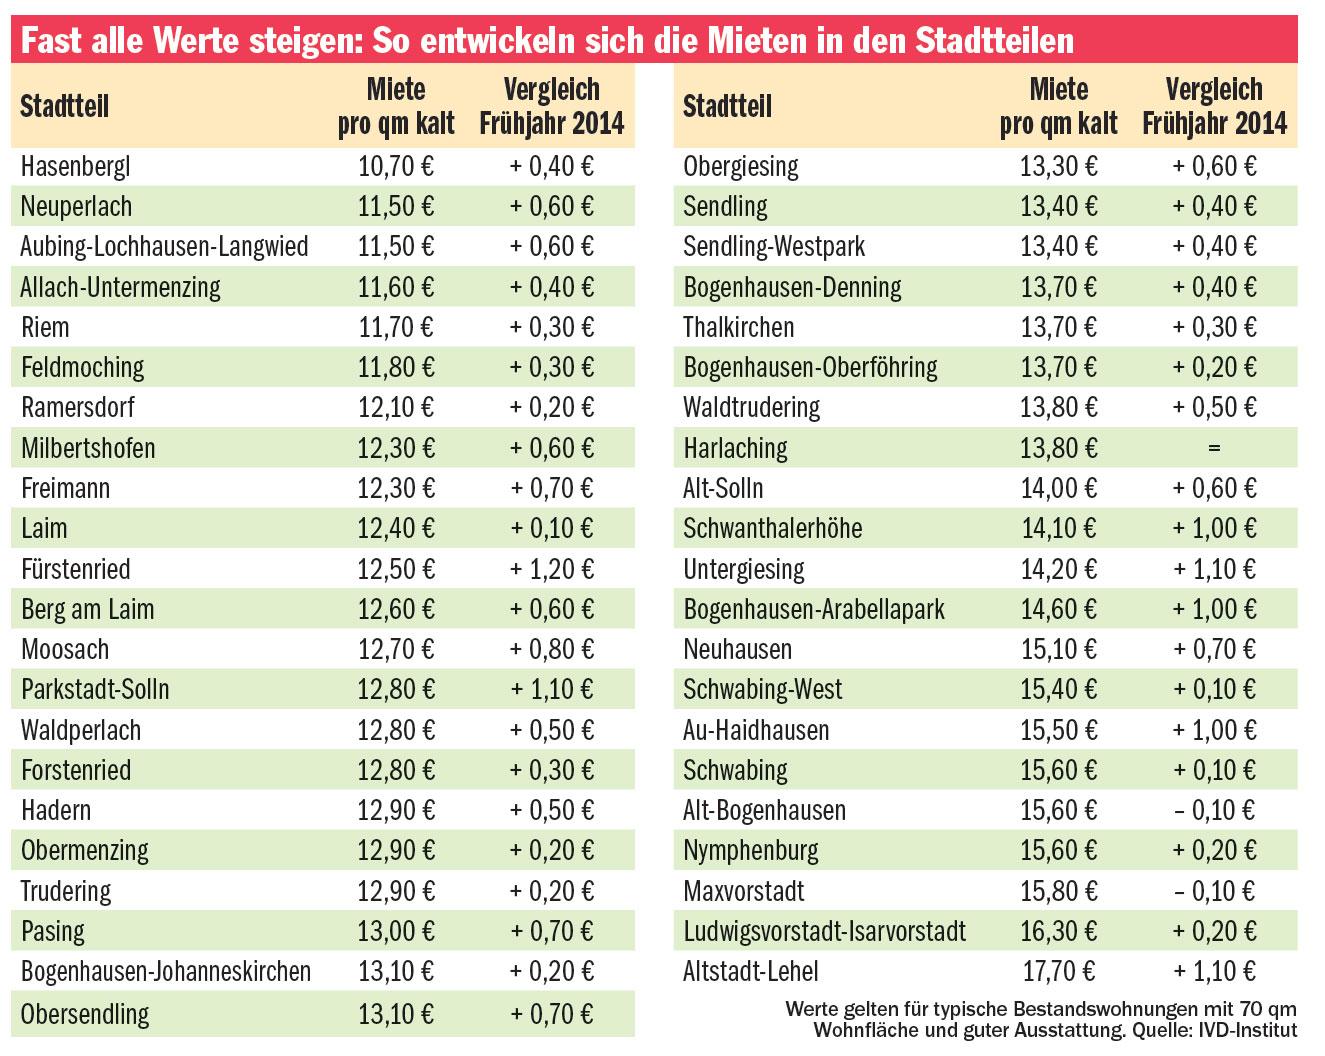 Miete in m nchen neue stadtteil tabelle 2014 wohnen for Tabelle quadratmeter